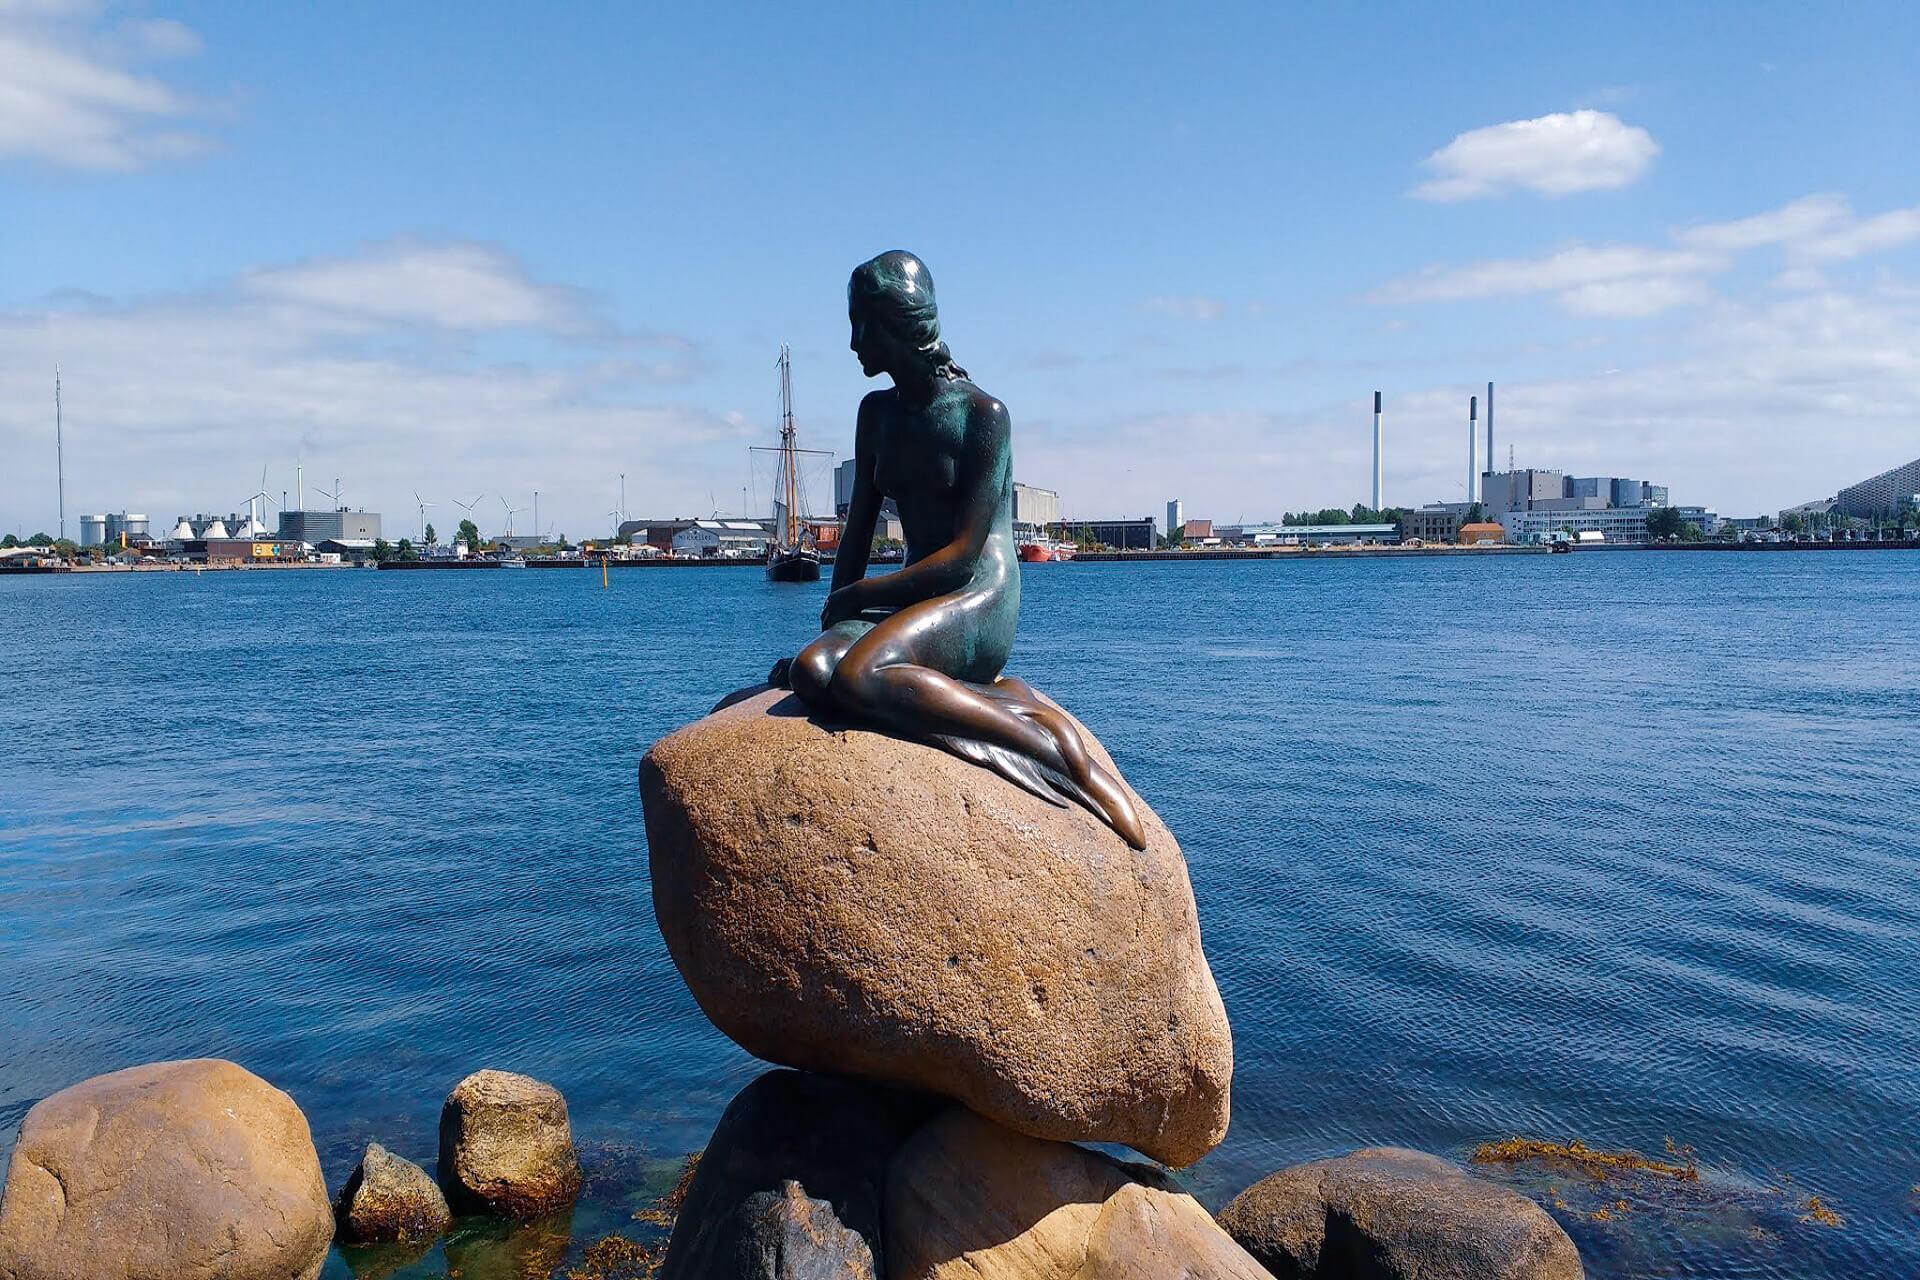 Little Mermaid - Inexpensive Pleasure In Expensive Copenhagen